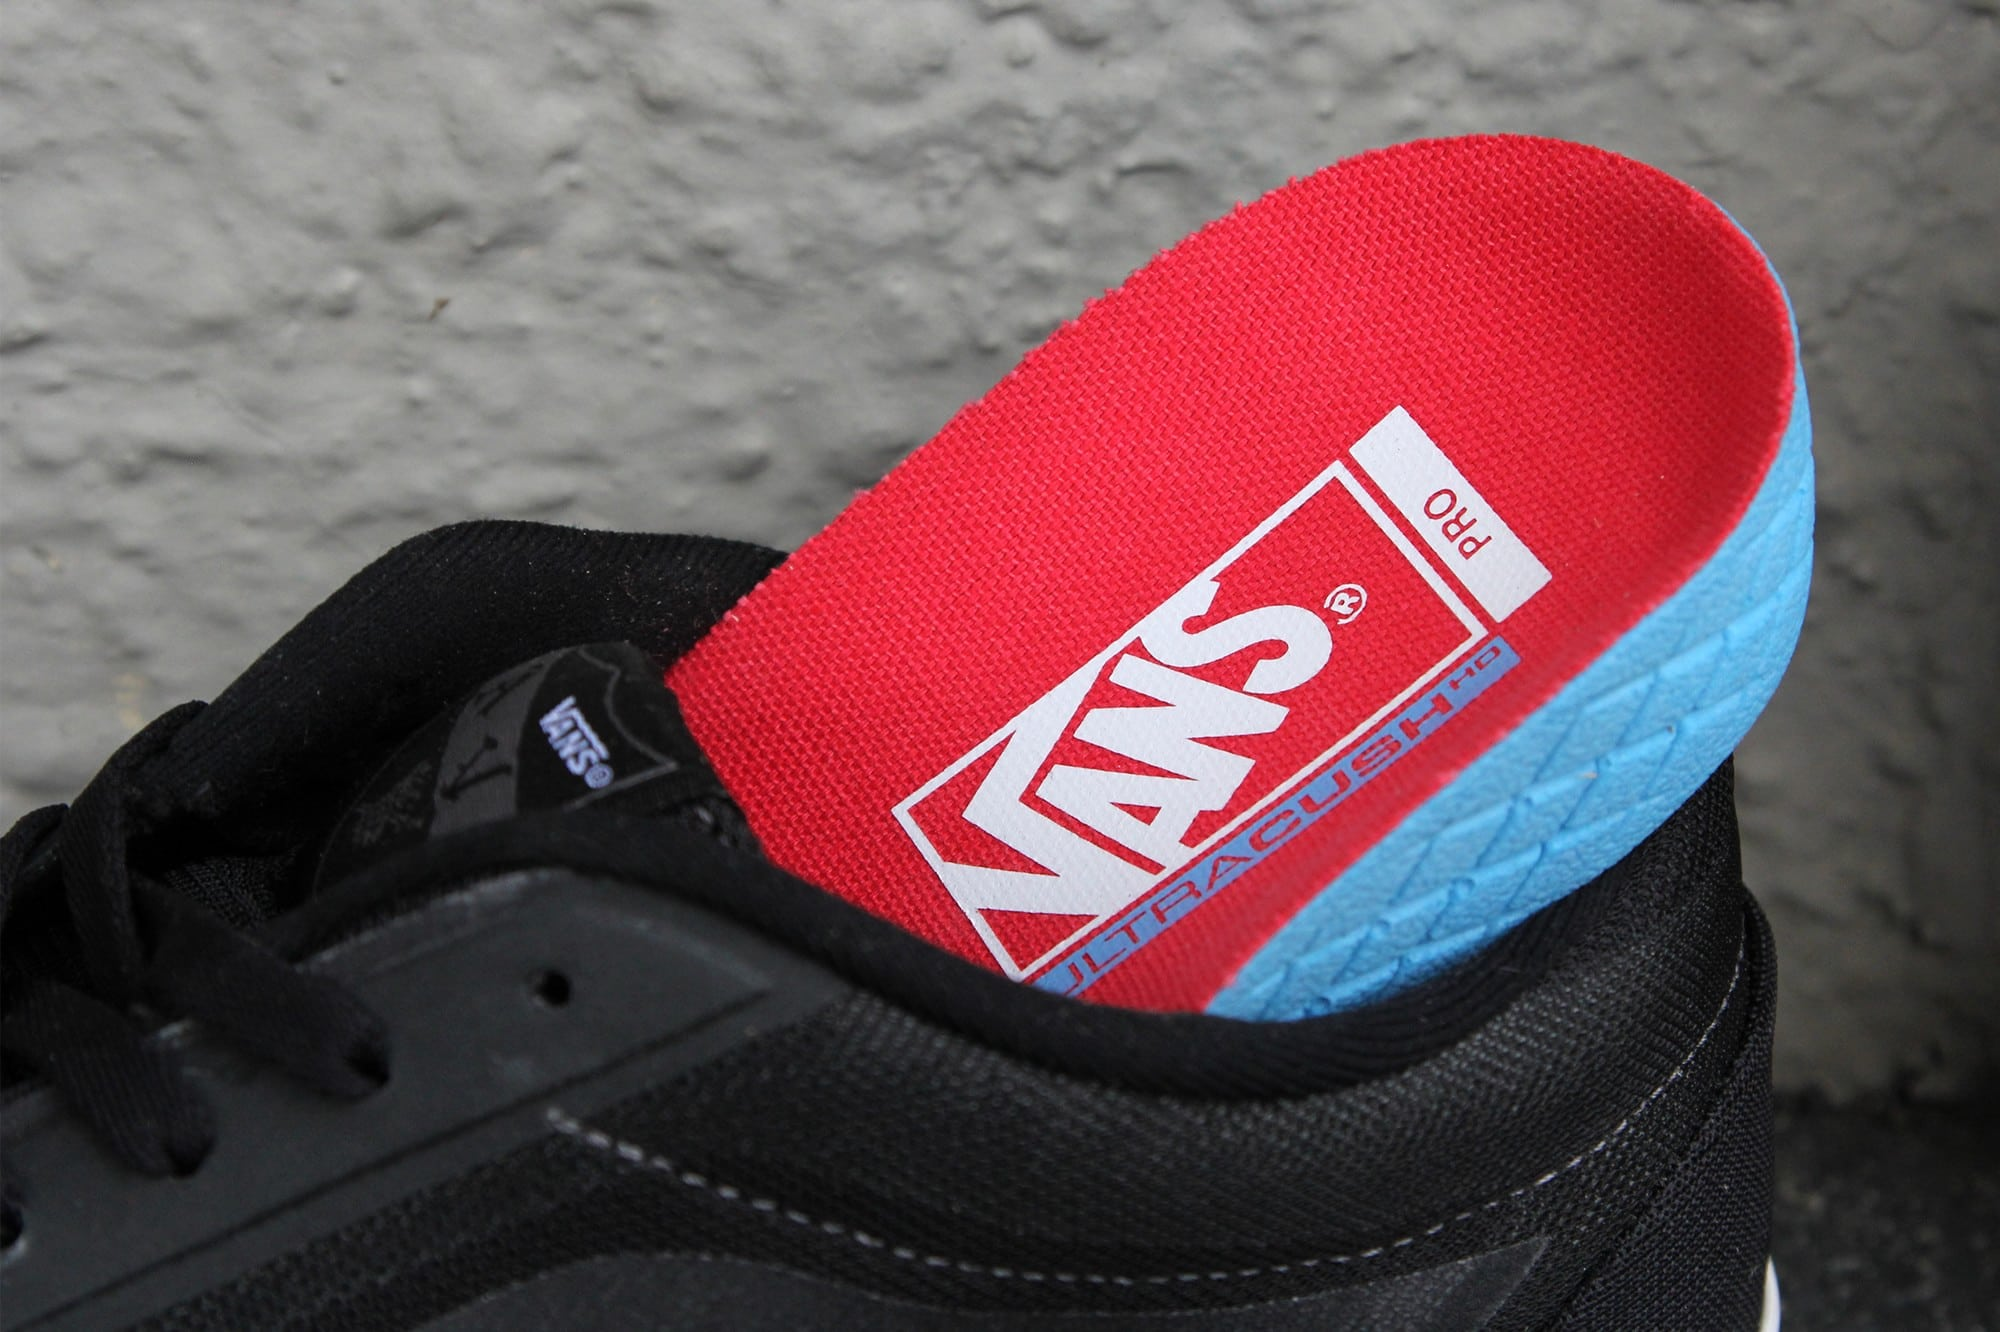 b15b5daed10822 Vans AV Rapidweld Pro Lite Skate Shoes